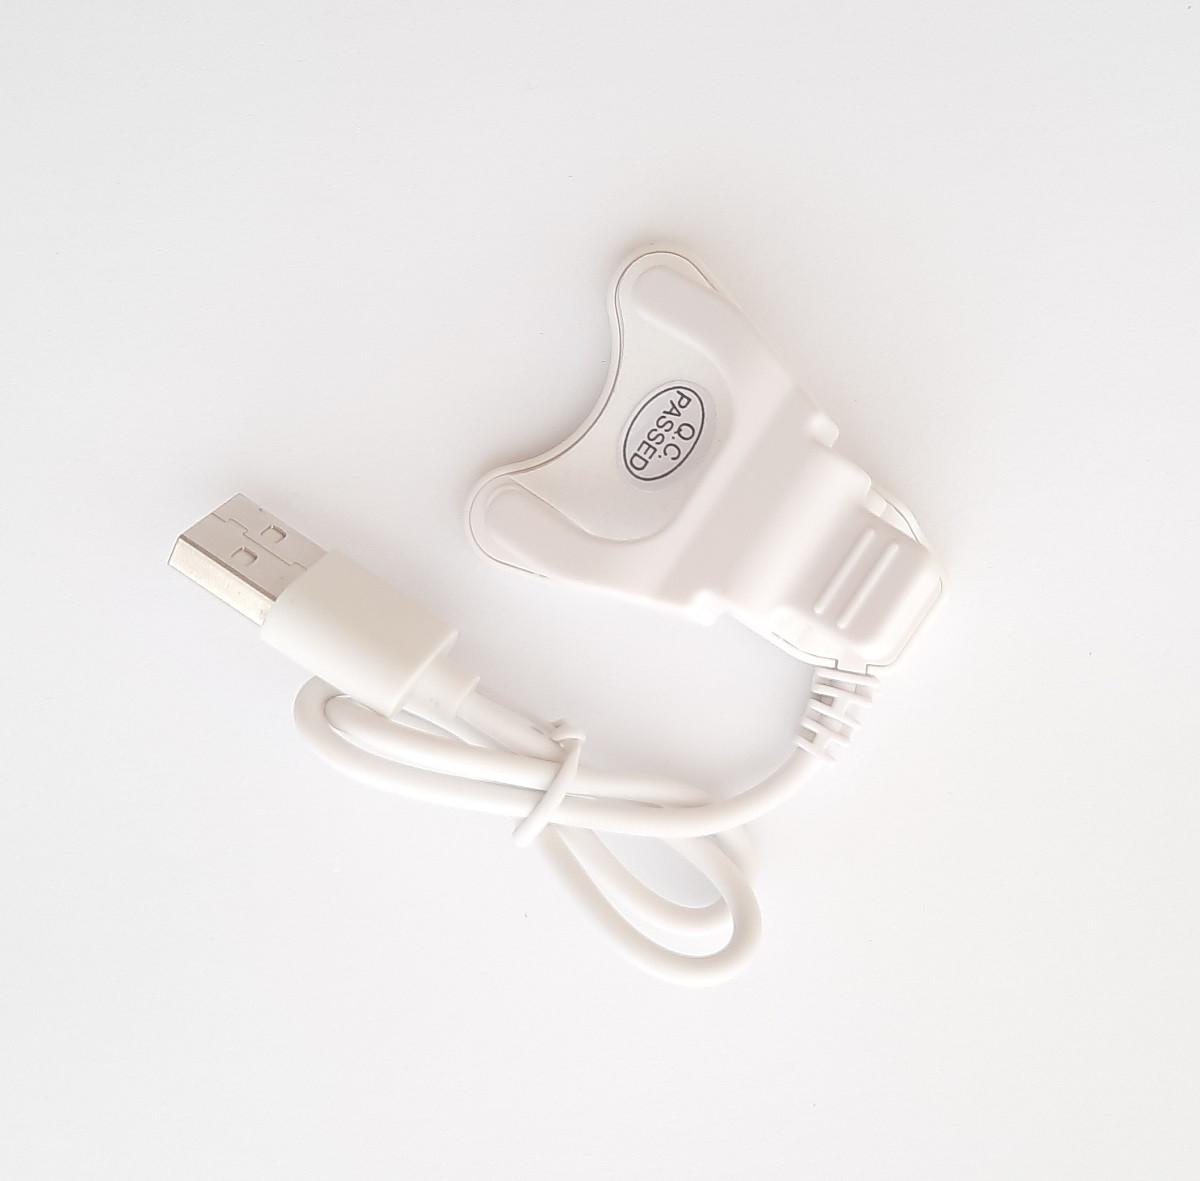 Кабель прищепка для детских смарт часов Smart baby watch Q300 / K21 / HW11 / DF50 / DF33 / Q500 DF25 / Q300S